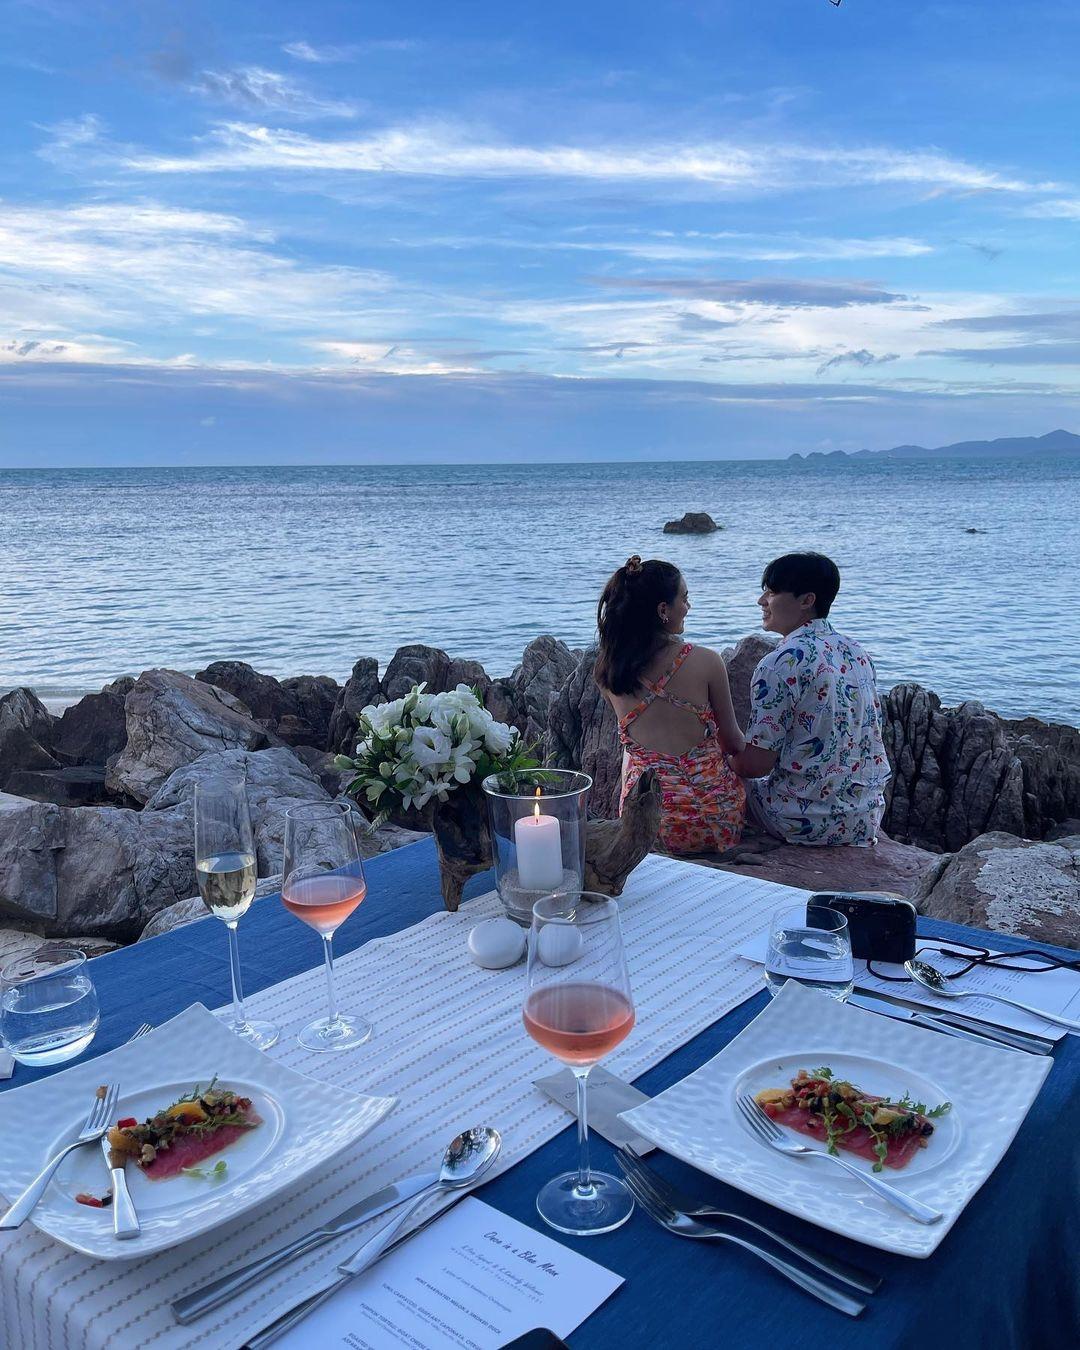 Hai diễn viên nghỉ tại một trong những resort 5 sao tốt nhất đảo. Bữa tối kỷ niệm được set up riêng tư bên bờ biển với các món ăn kiểu Tây, vị trí lý tưởng để ngắm hoàng hôn trên biển.